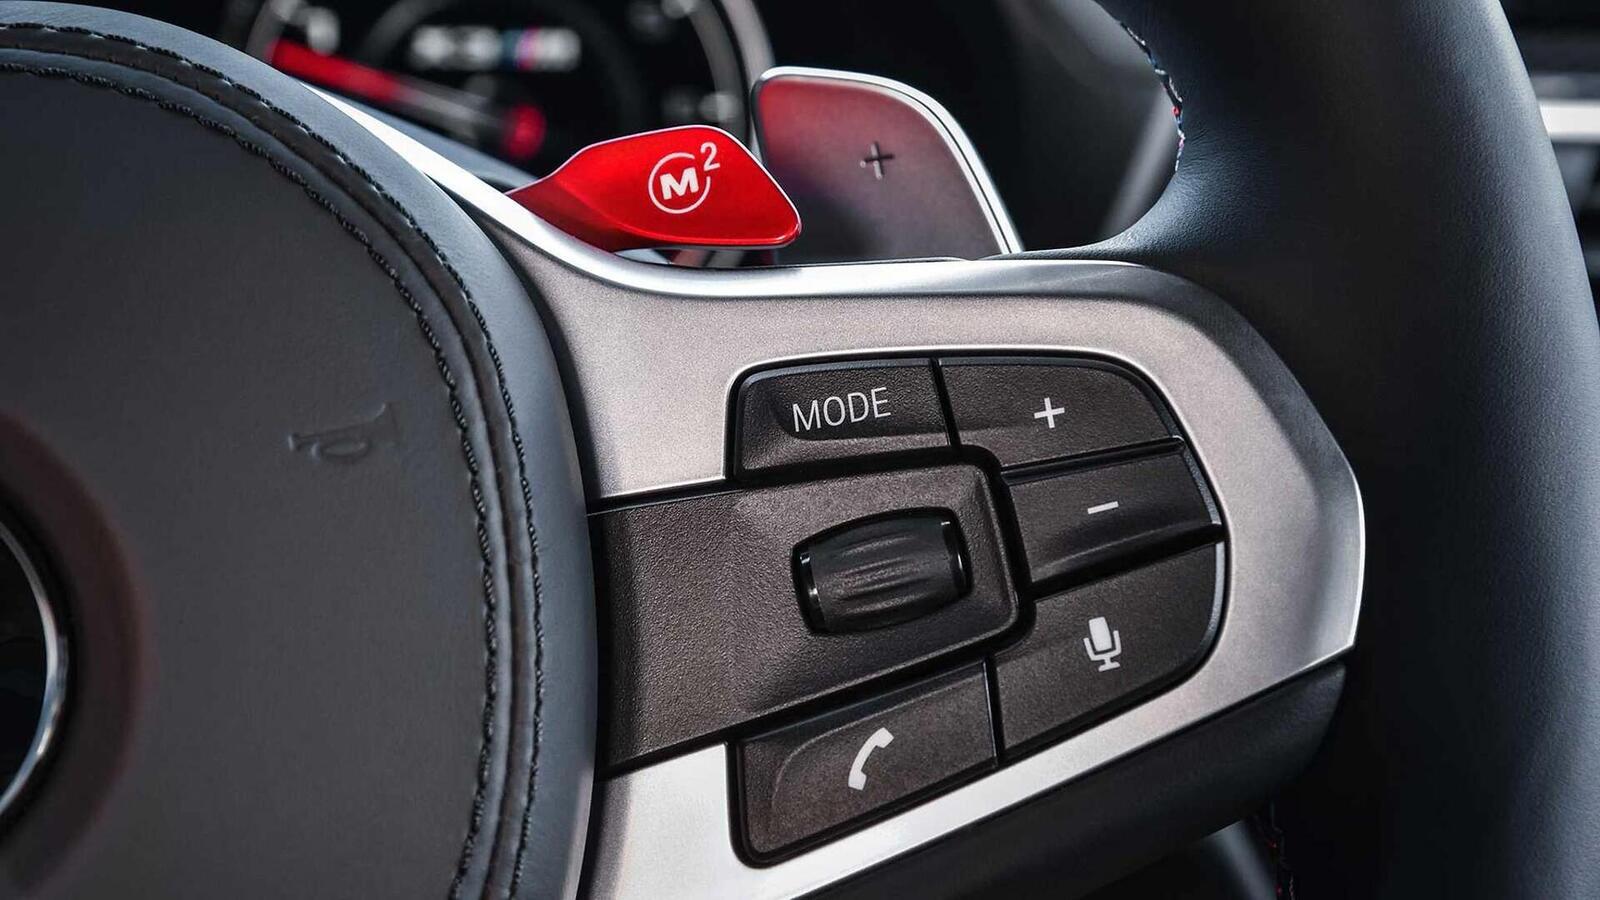 BMW X3 M và X4 M 2020 chính thức ra mắt: Mang trong mình sức mạnh từ 473 - 503 mã lực - Hình 23